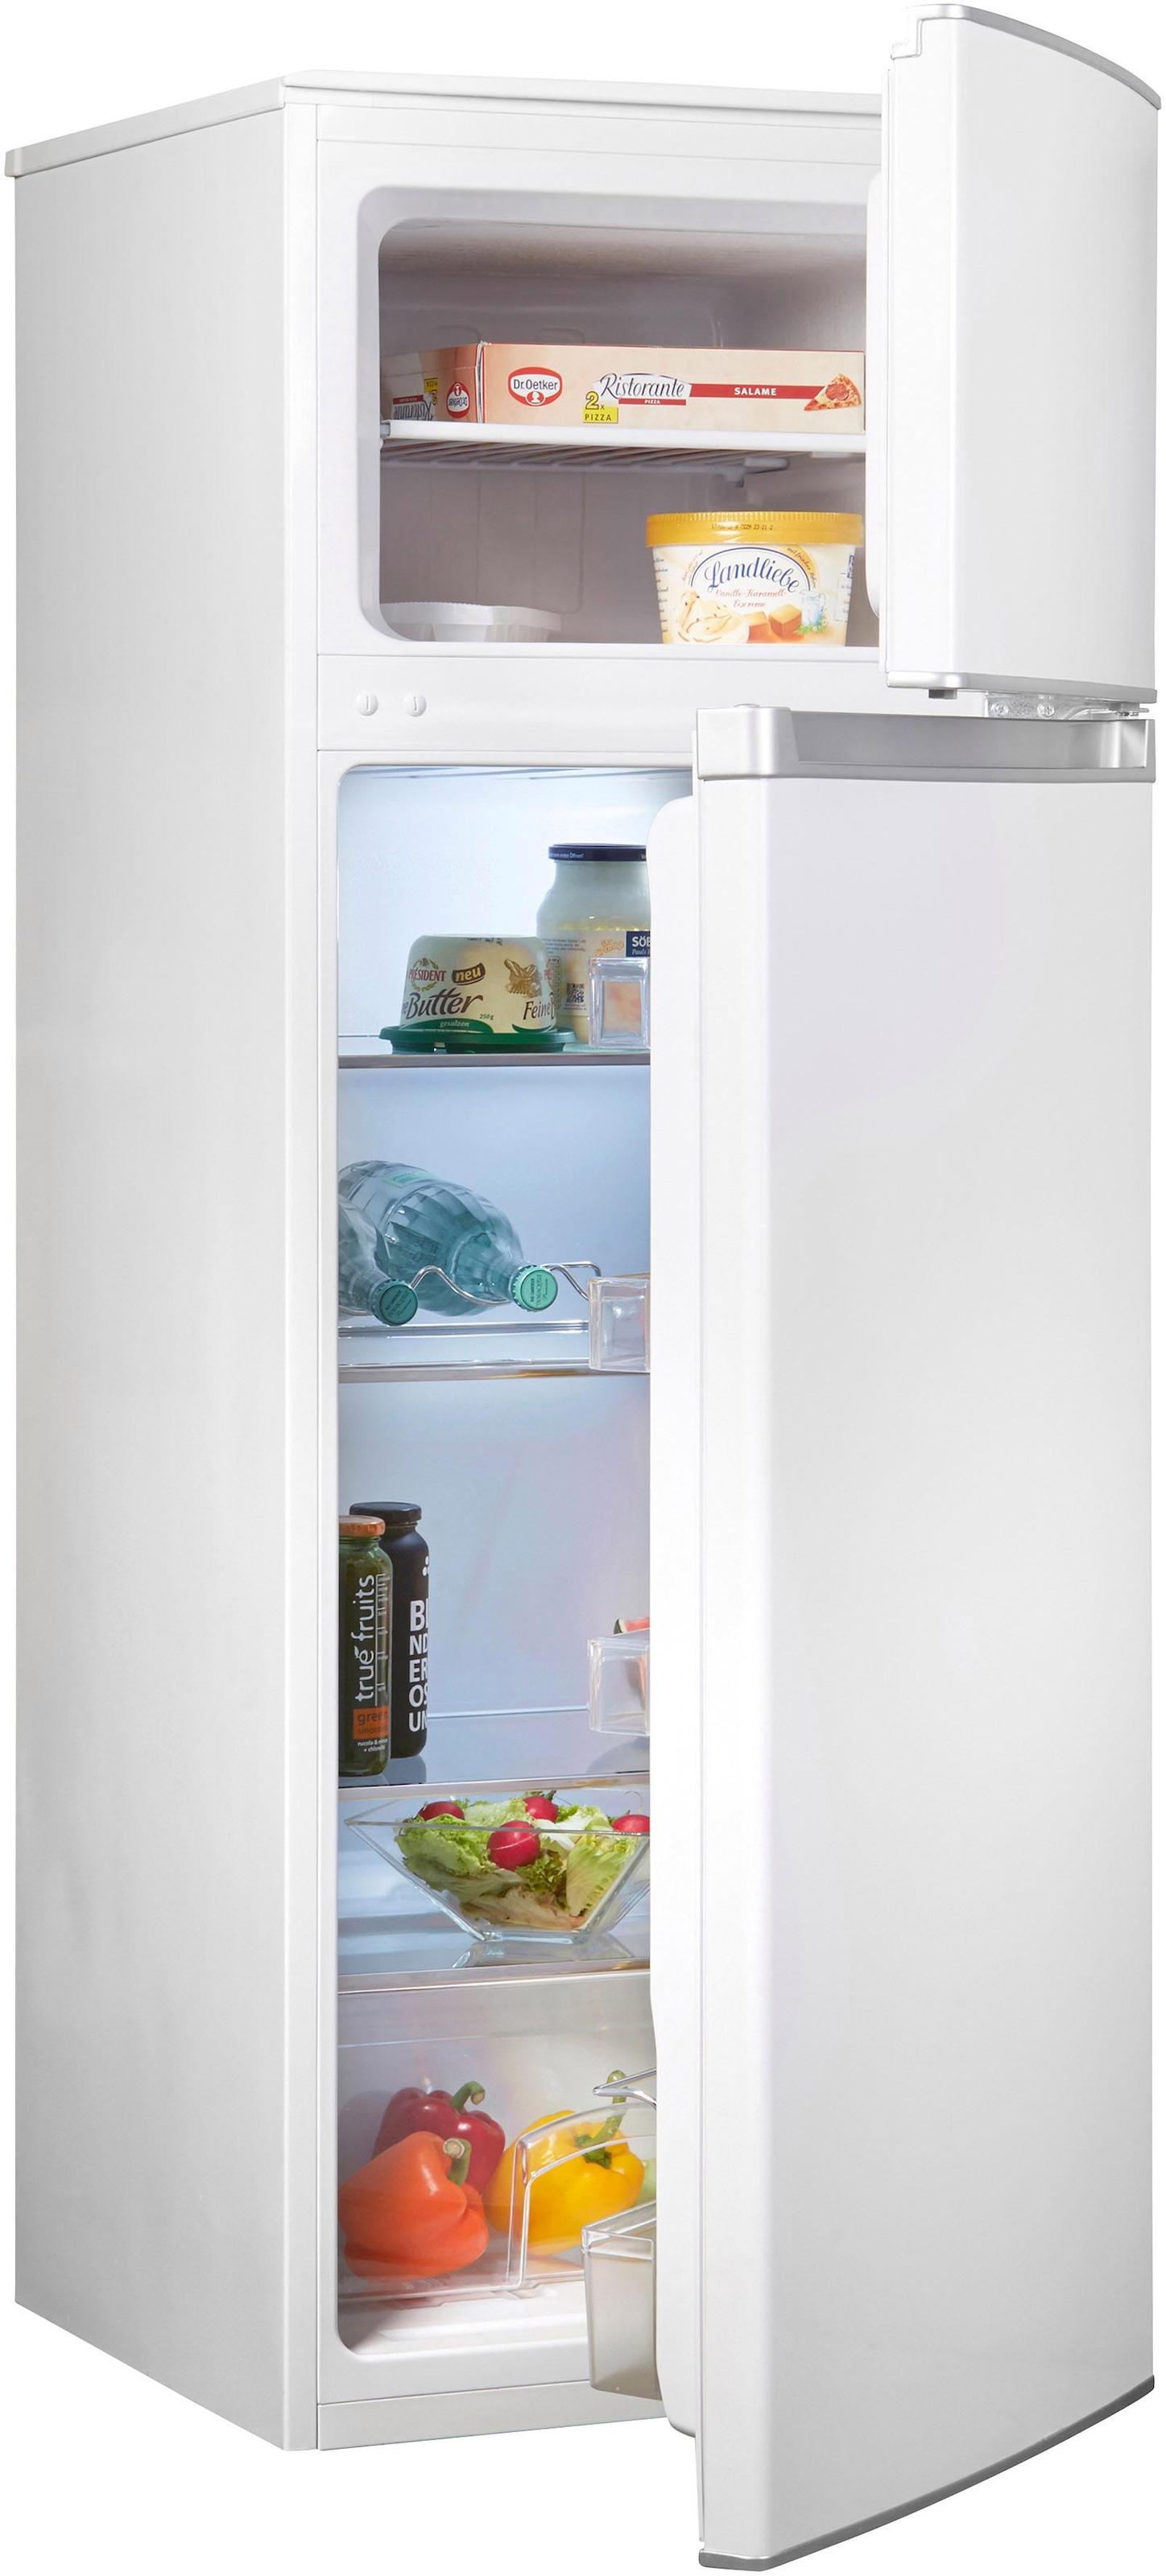 Kühlschrank Xxl Mit Gefrierfach : Samsung brr m ww einbau kühlschrank mit gefrierfach weiß a